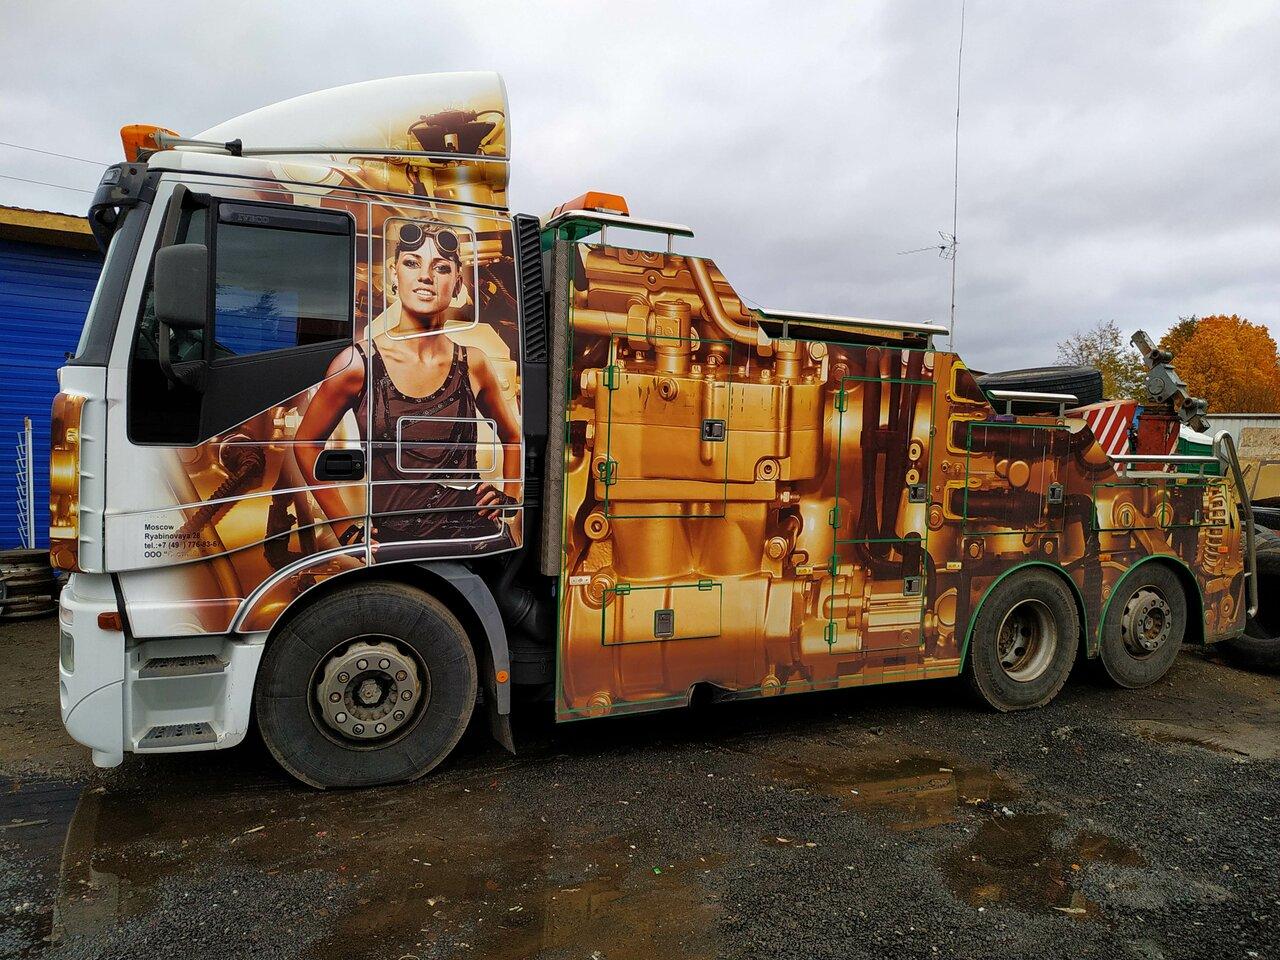 кошки независимы, эвакуаторы грузовиков фото в россии можете подобрать тот